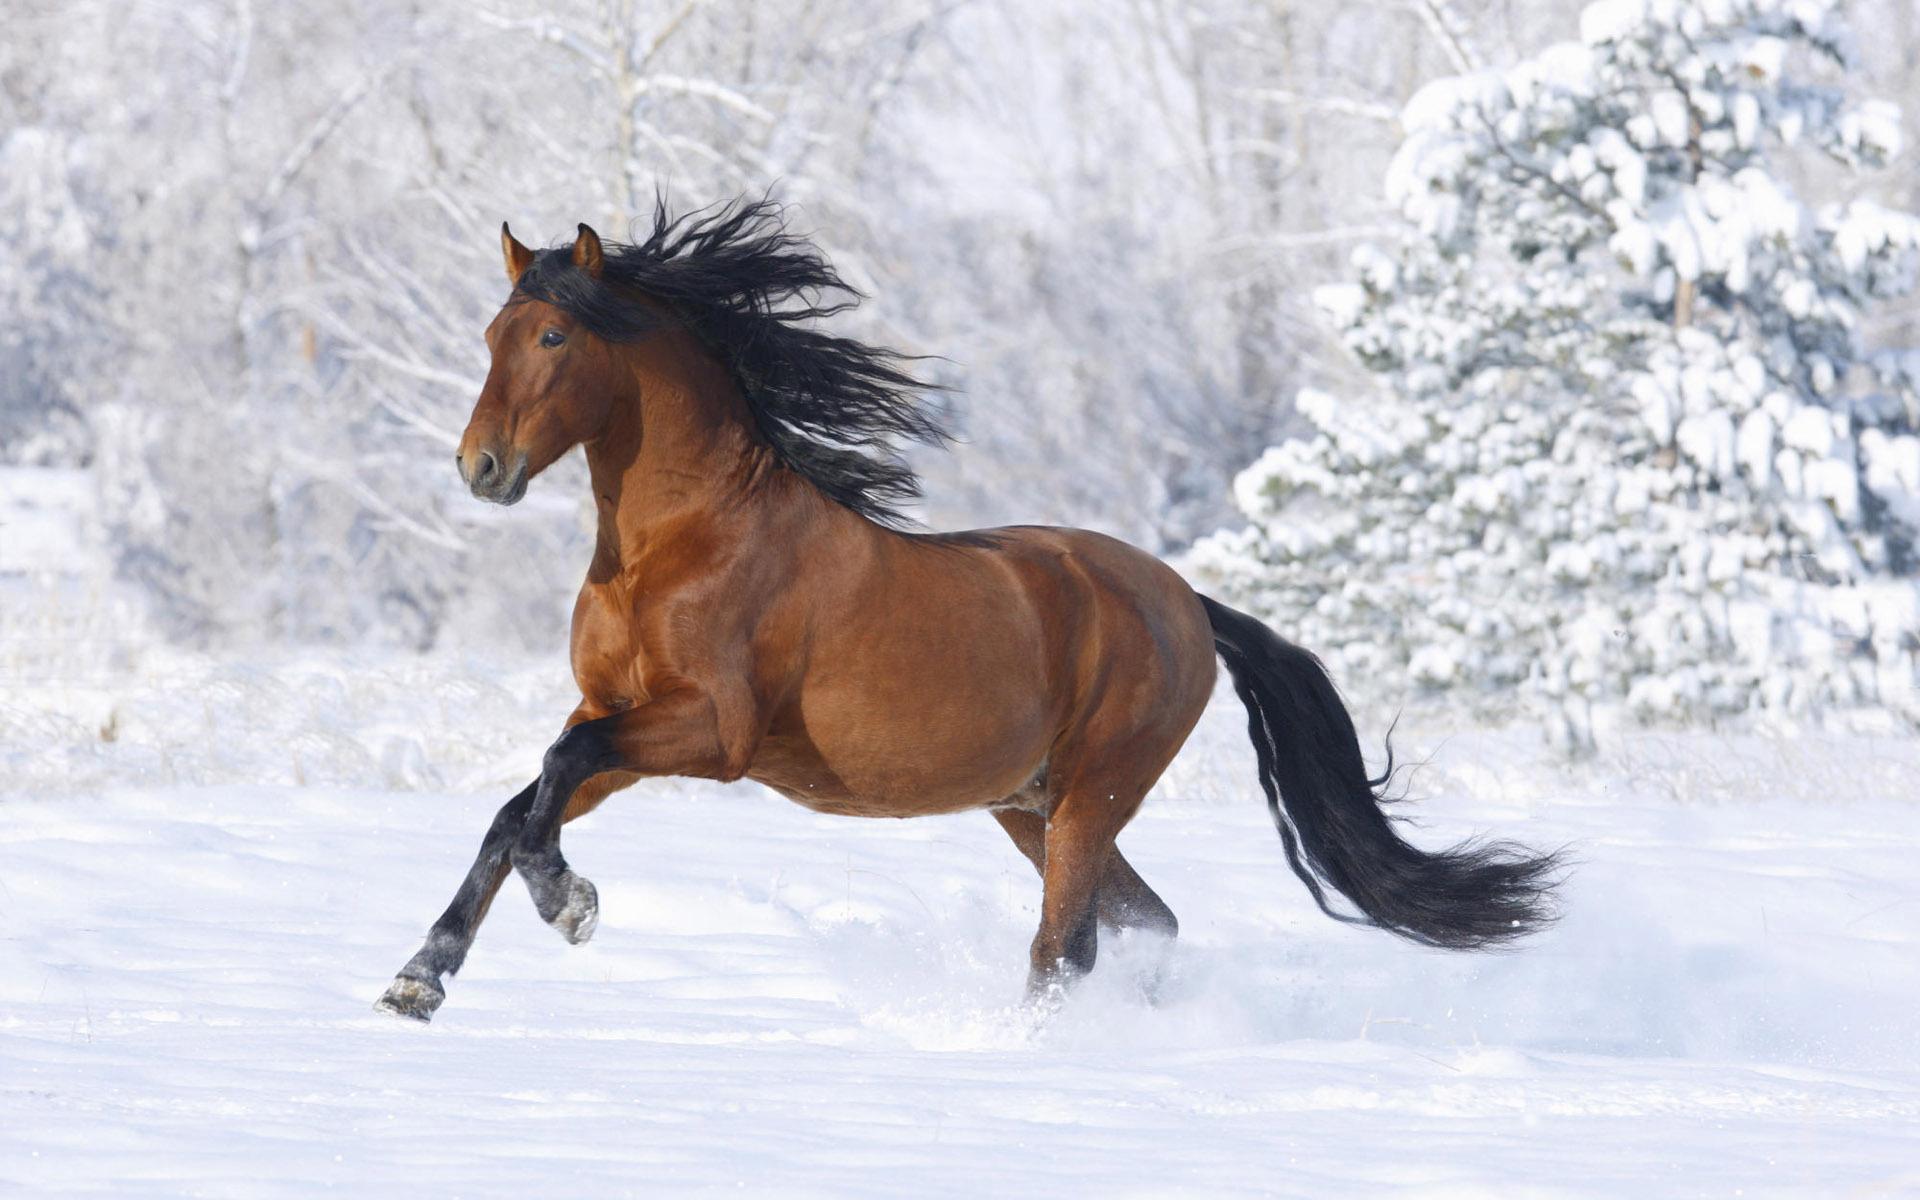 Winter Horse Wallpaper Winter Pinterest 1920x1200